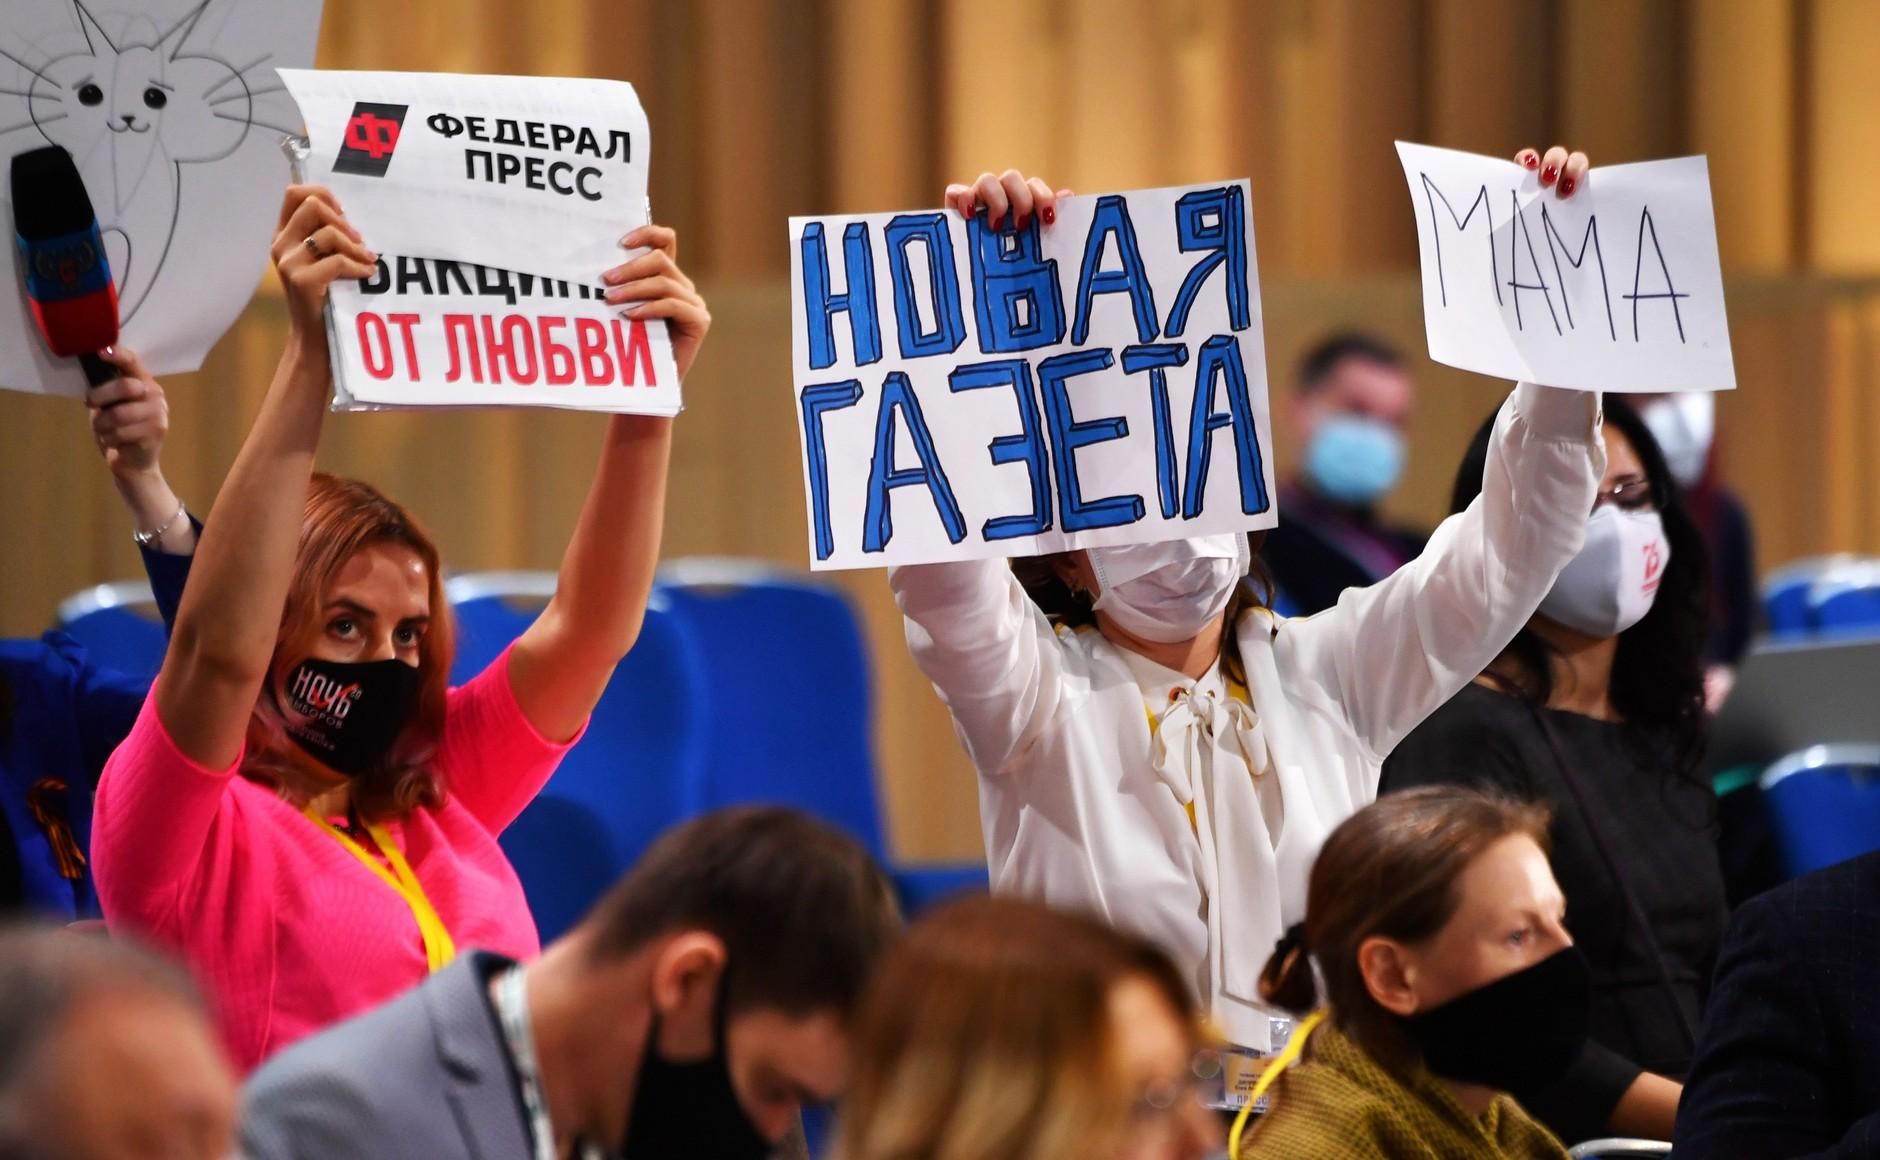 RUSSIE 17.12.2020.CONFERENCE 36 XX 66 Avant le début de la conférence de presse annuelle de Vladimir Poutine.